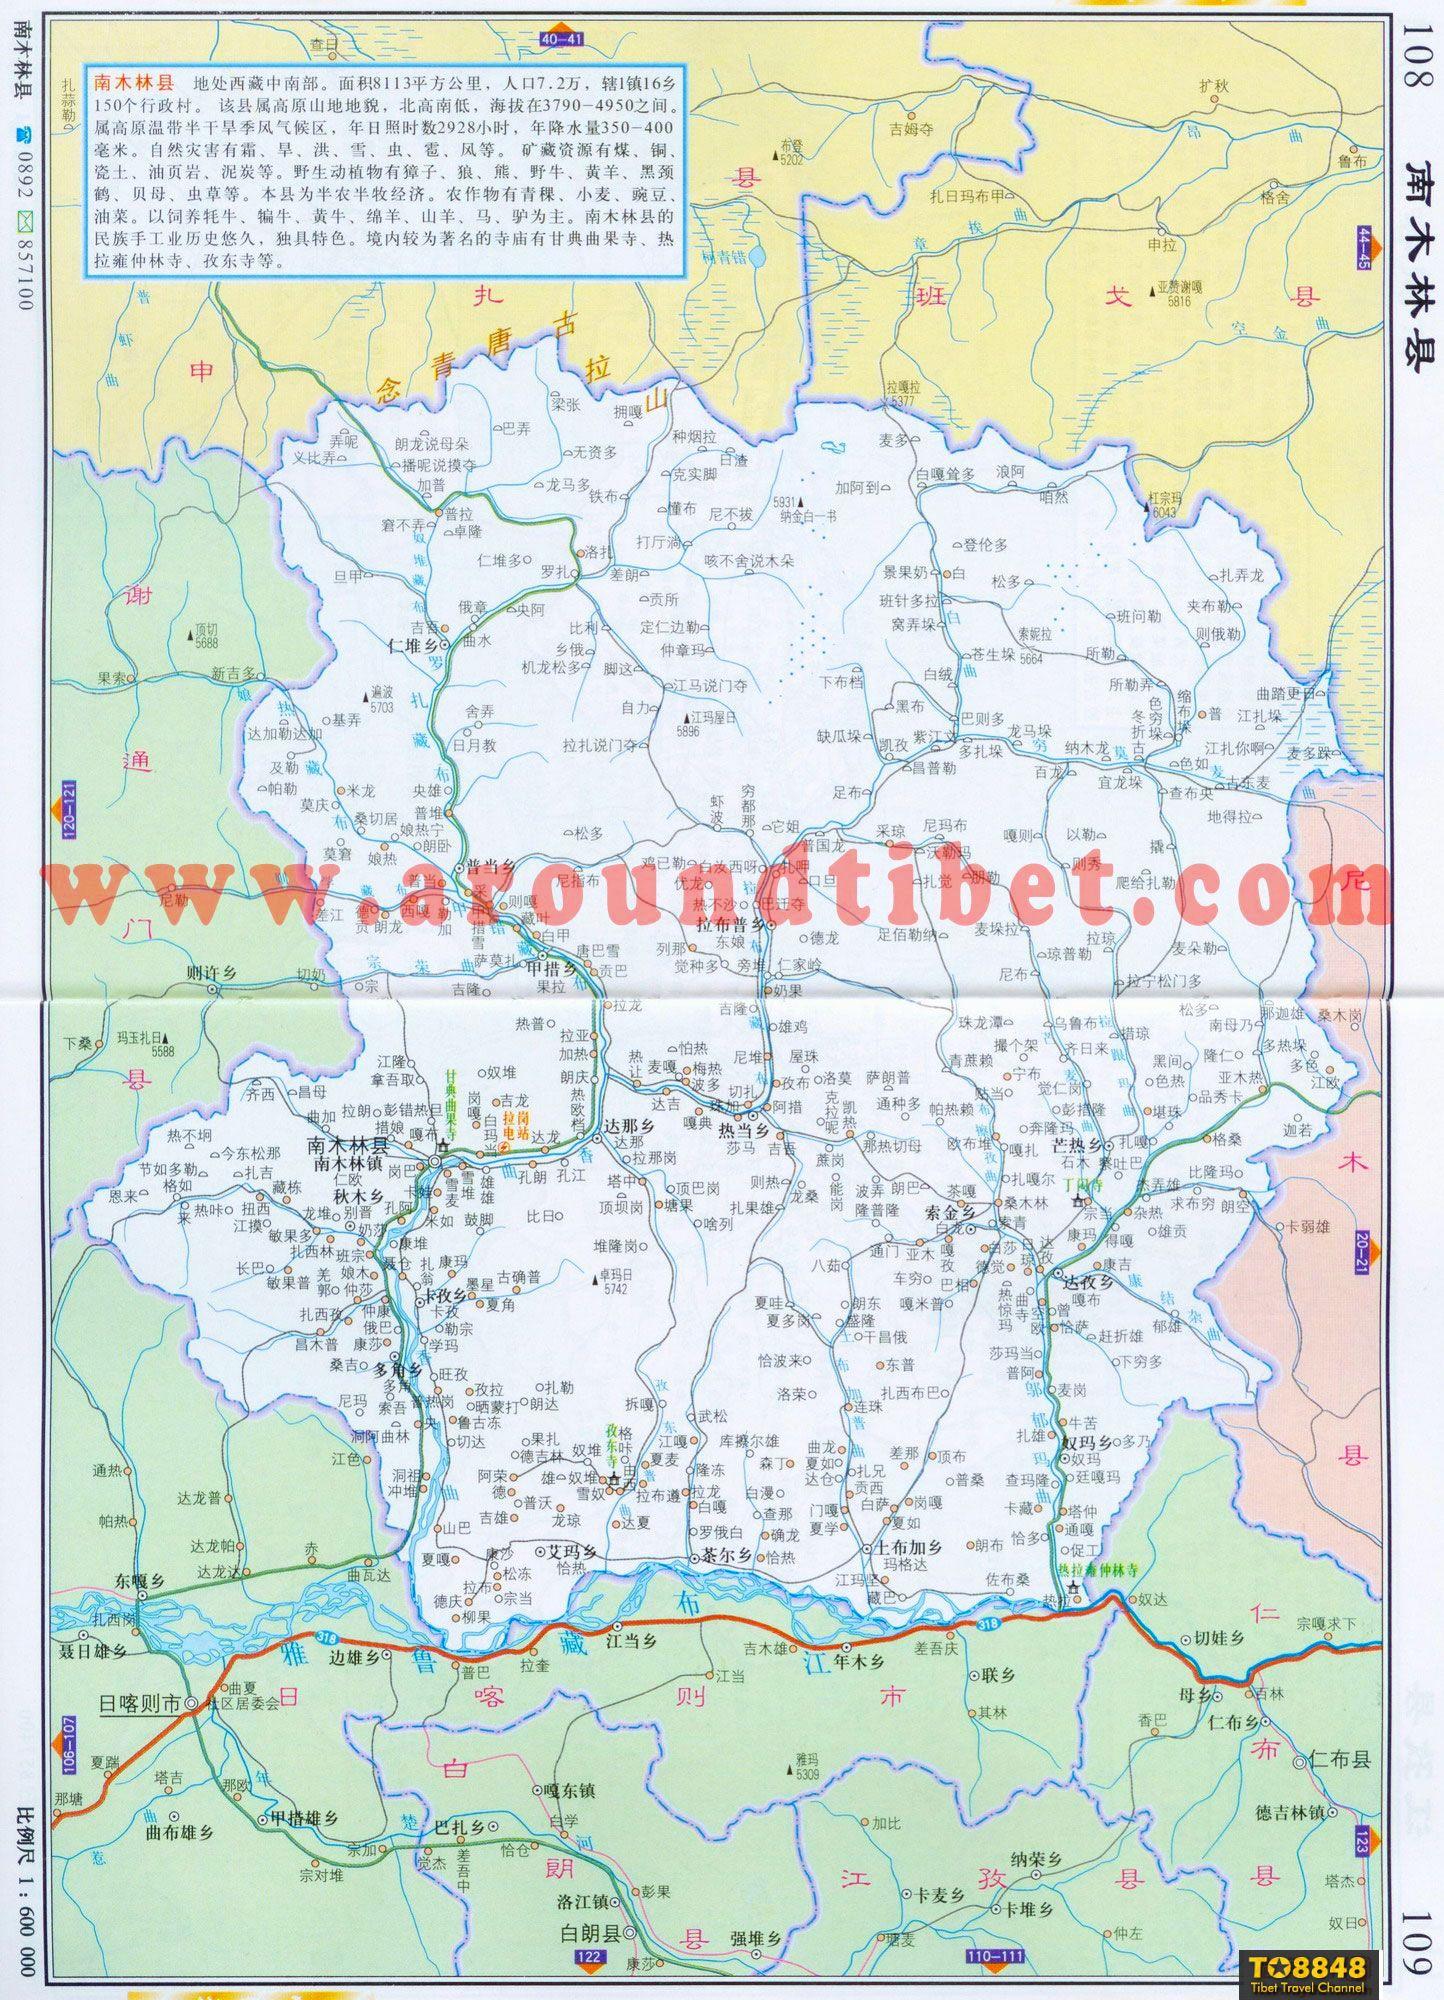 西藏南木林县地图 -西藏地图 (中文版) -西藏旅游频道